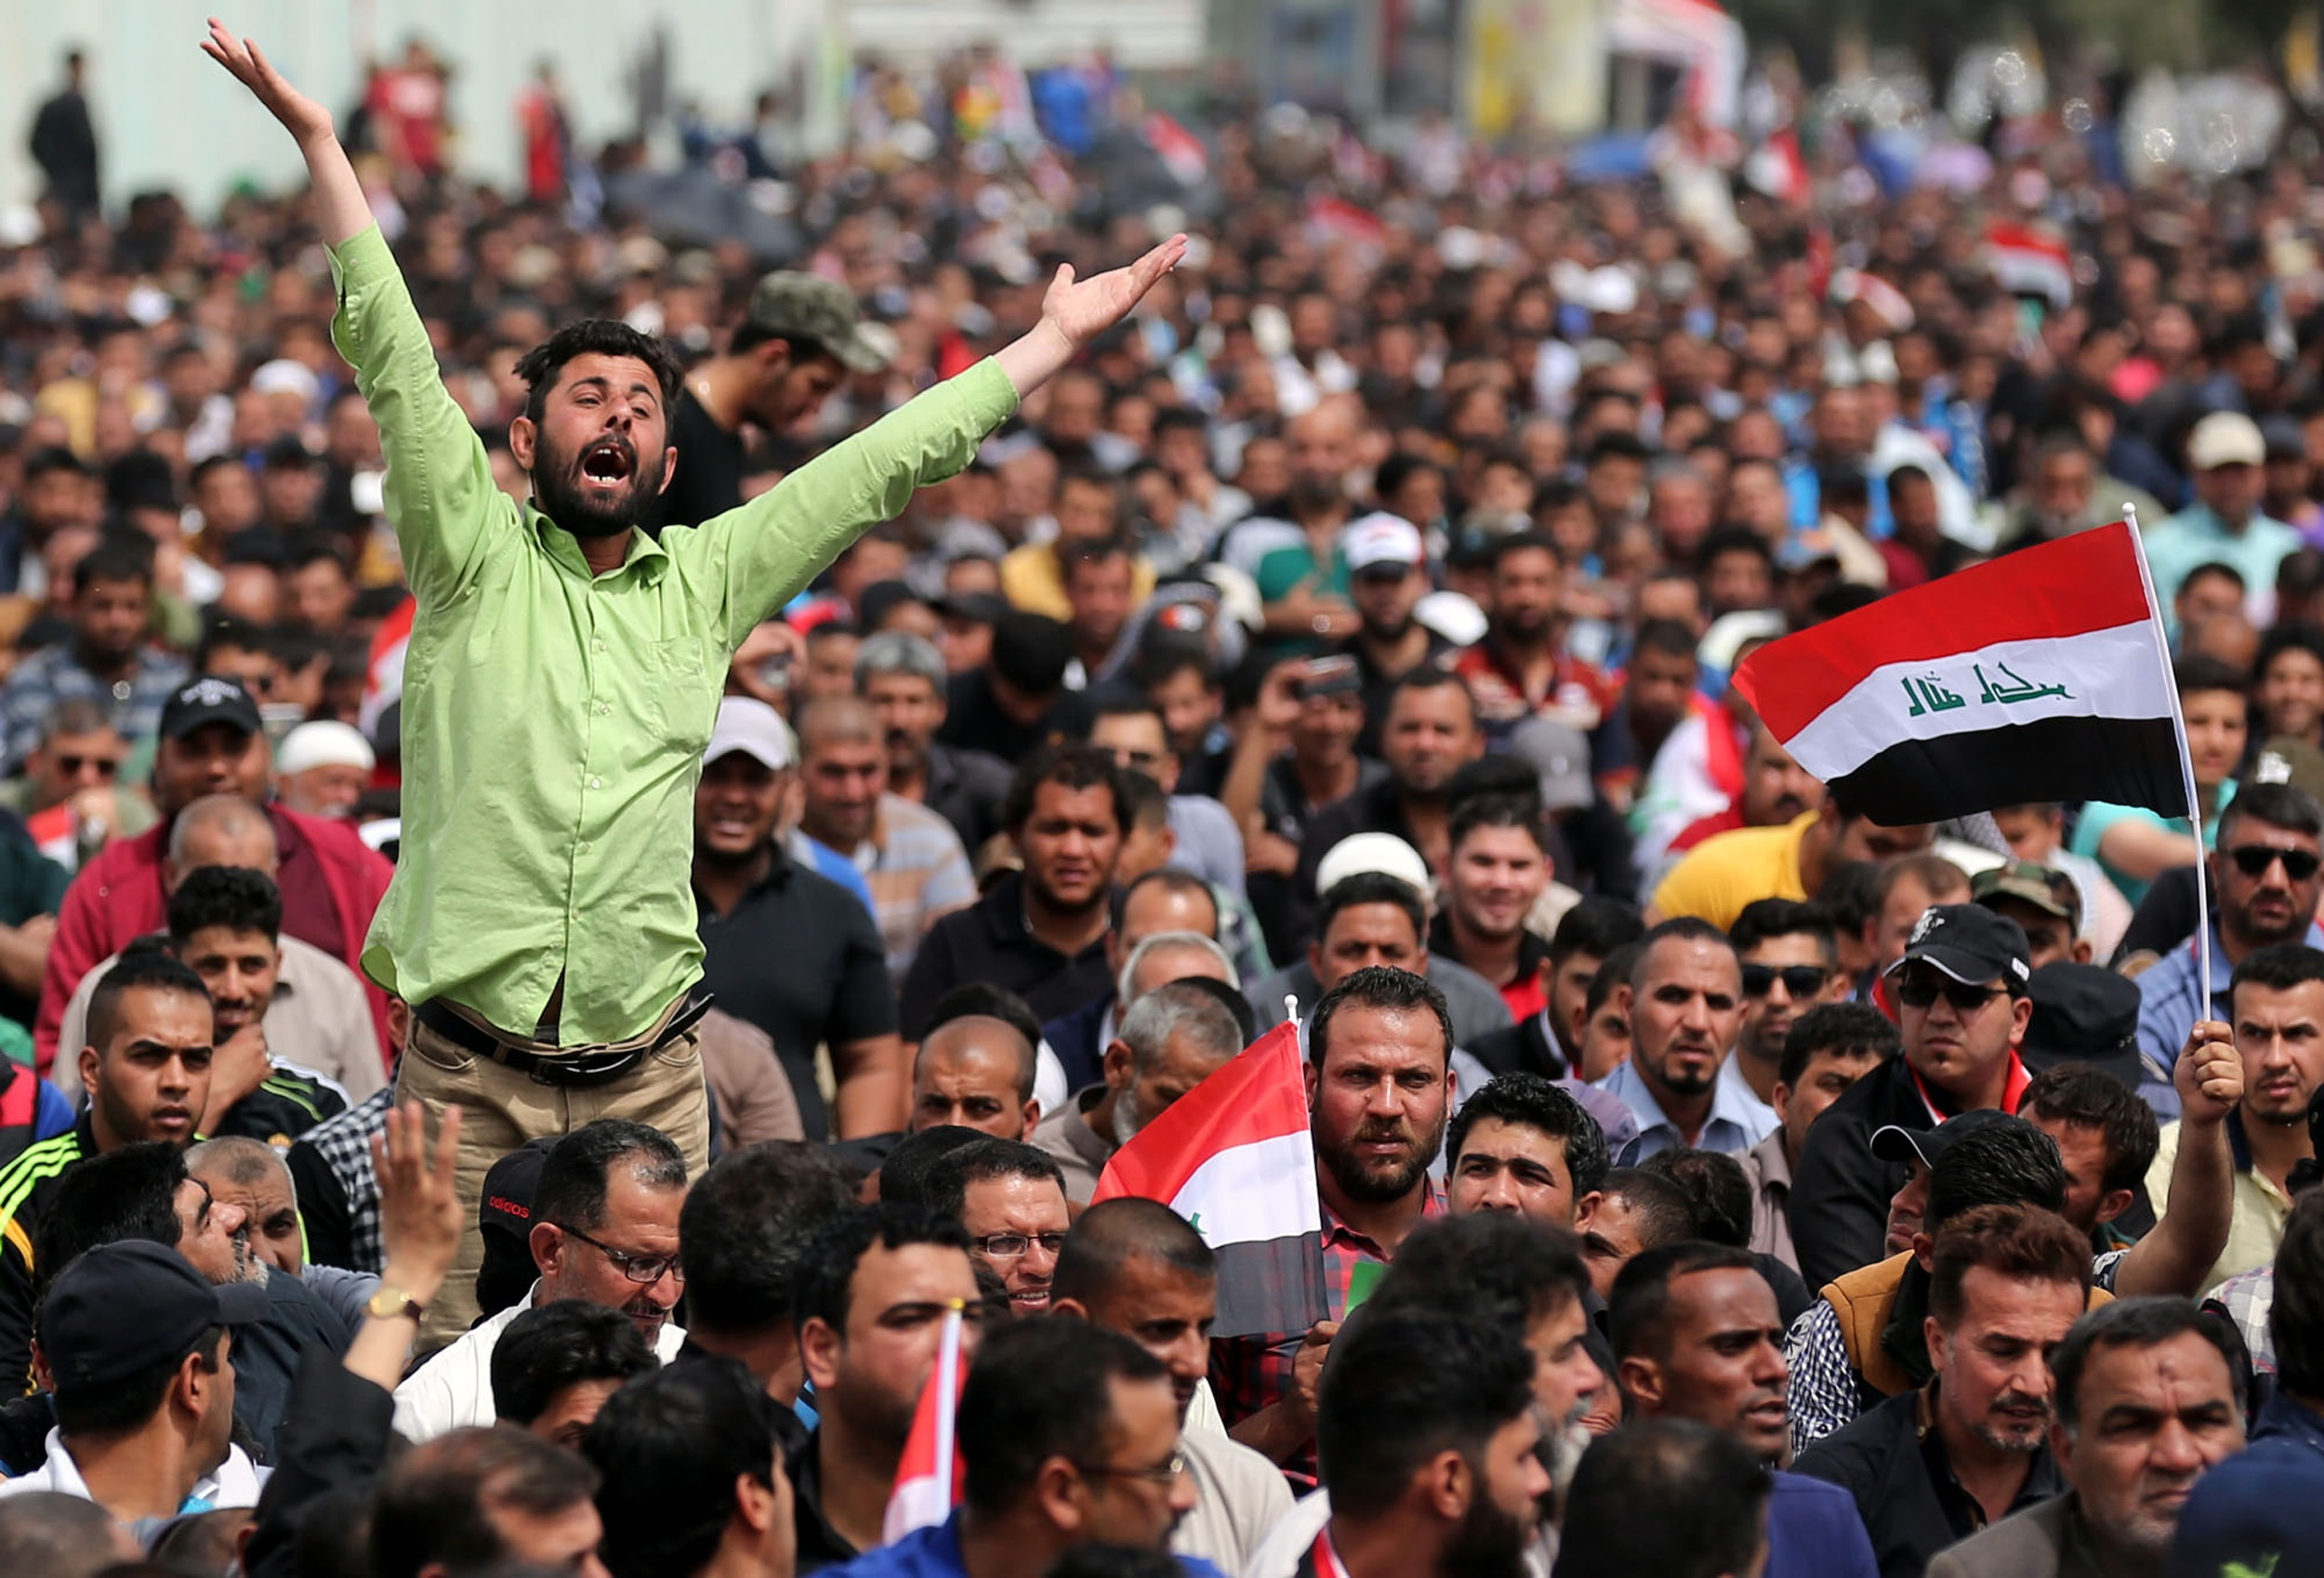 الأمم المتحدة تدعو لحماية المتظاهرين السلميين في بغداد وكربلاء